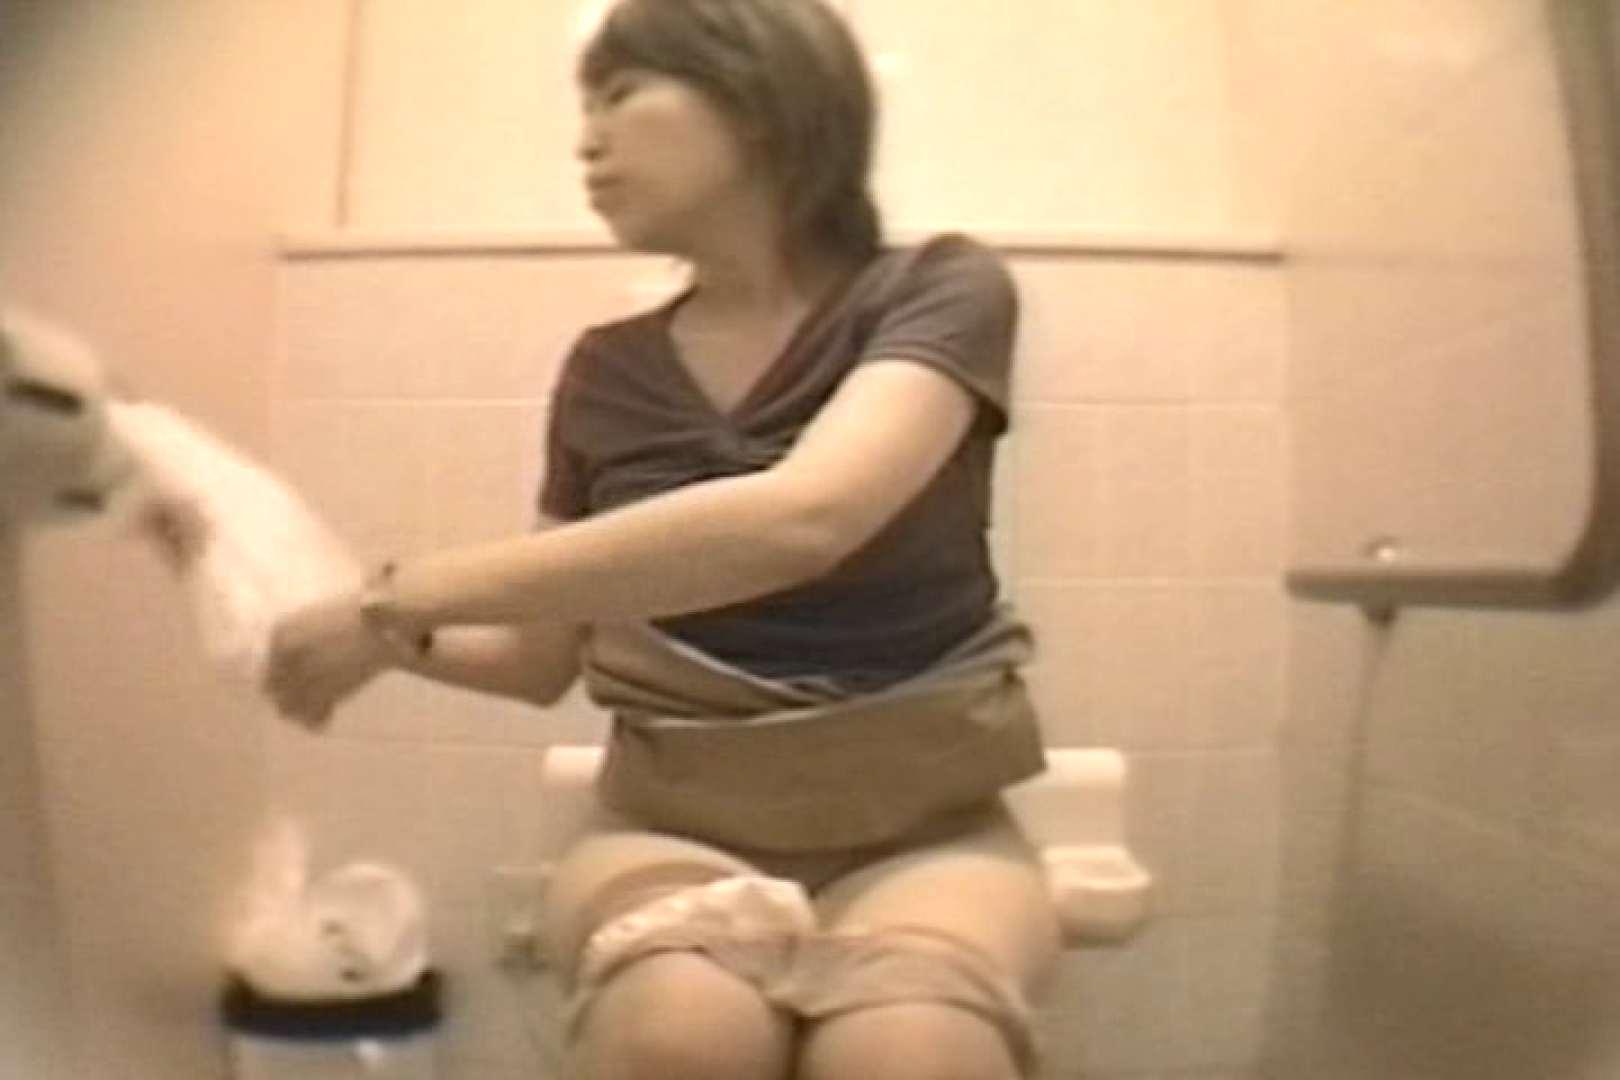 個室狂いのマニア映像Vol.4 洗面所はめどり  61画像 12